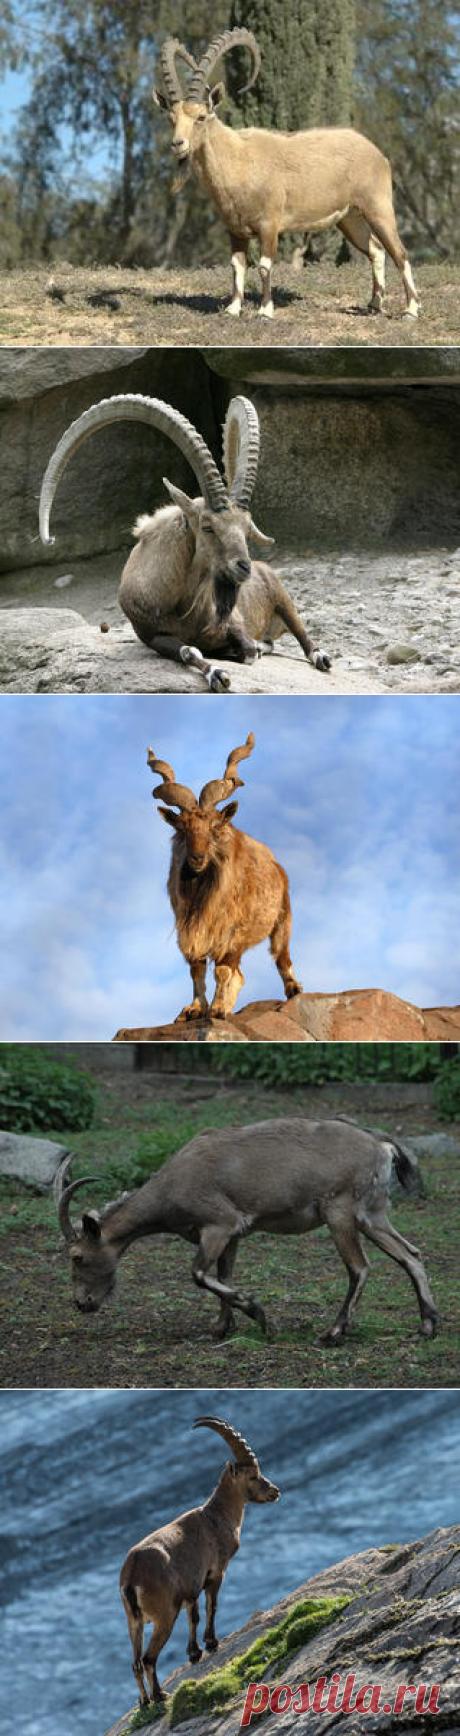 Смотреть изображения козлов | Зооляндия